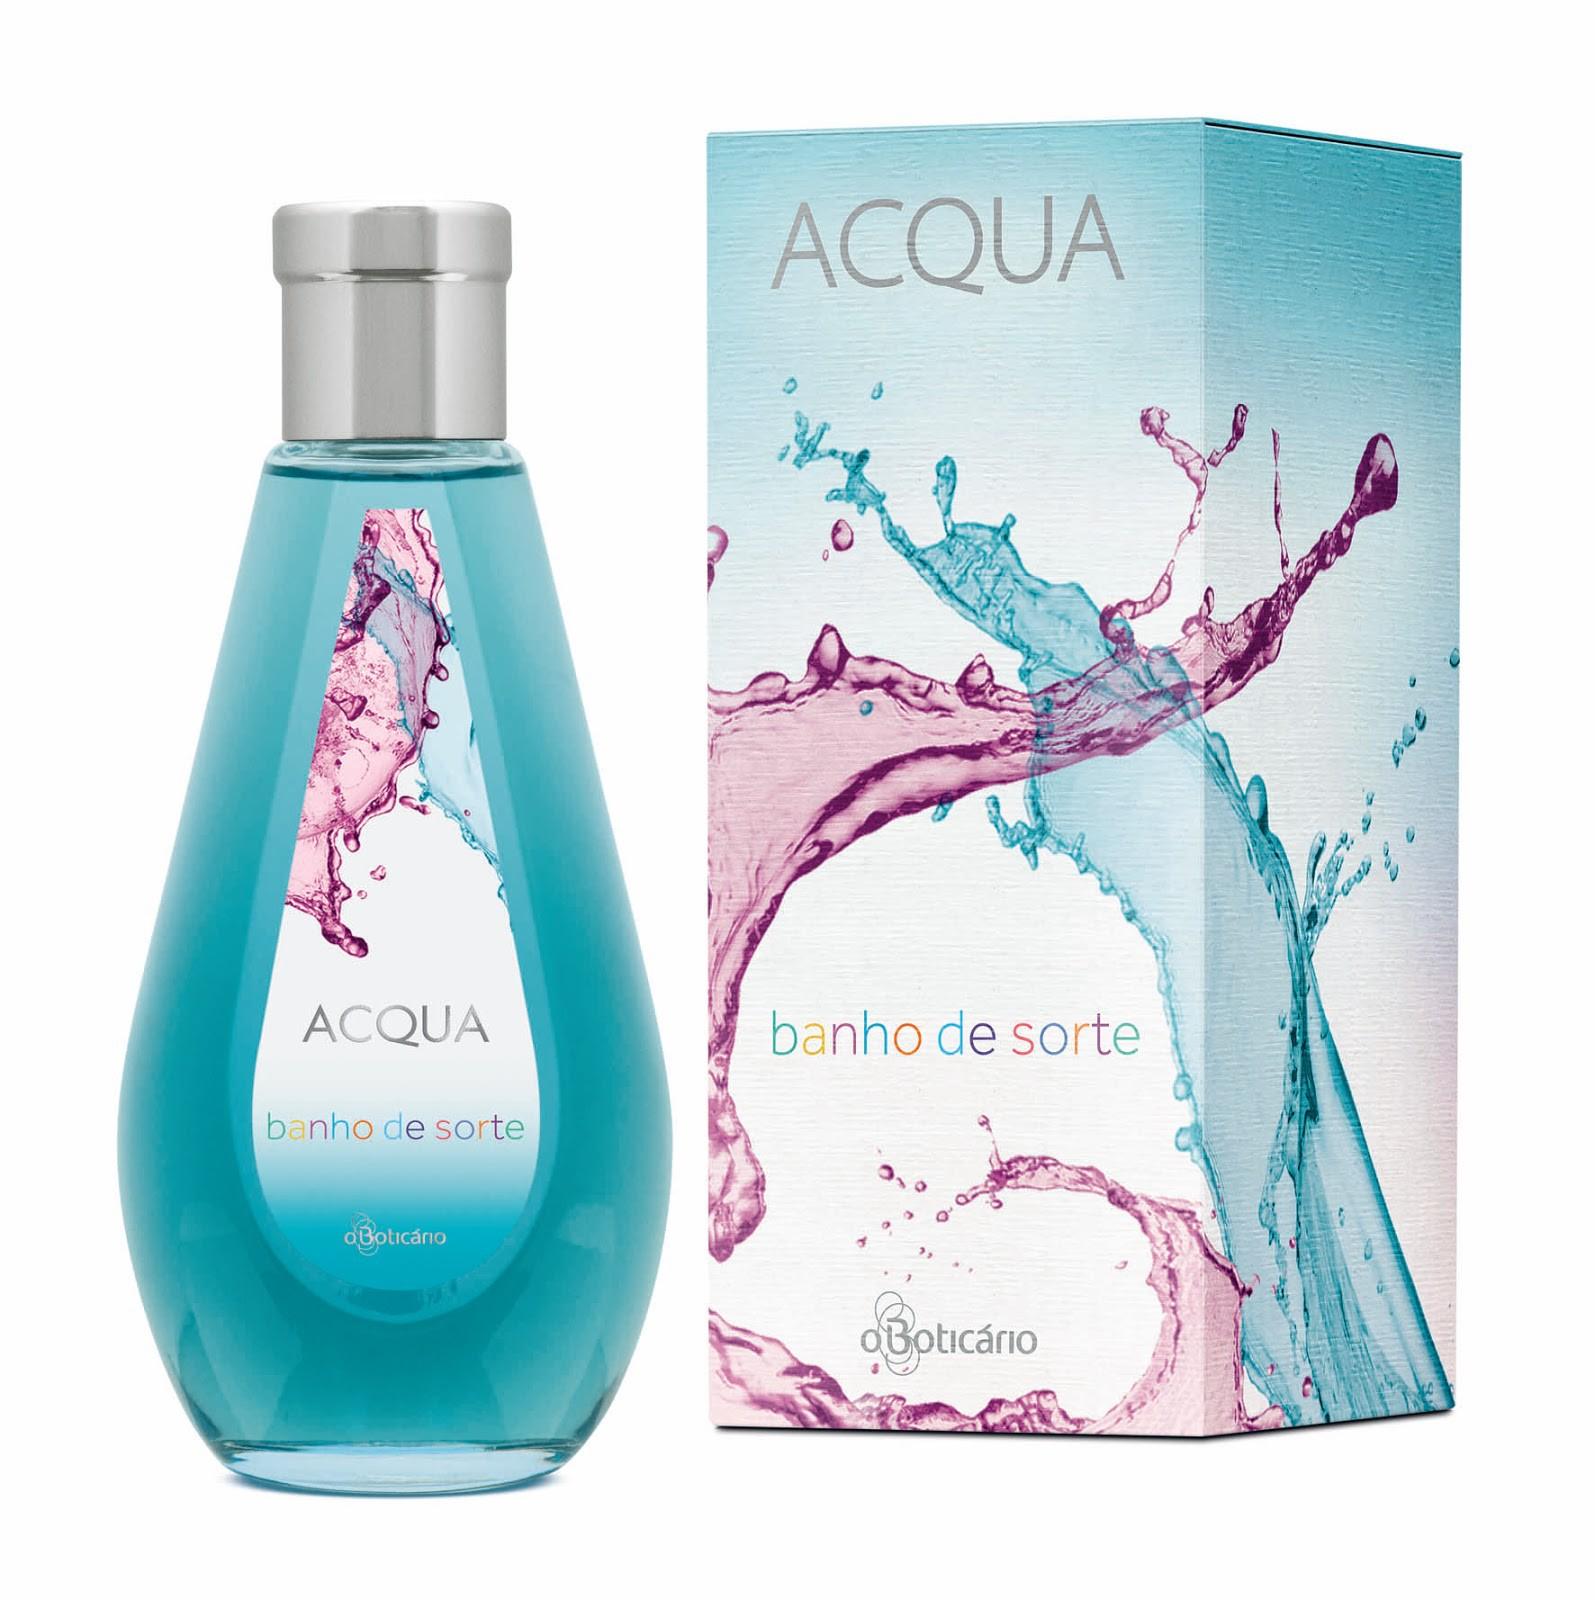 O Boticario Acqua Banho de Sorte аромат для женщин